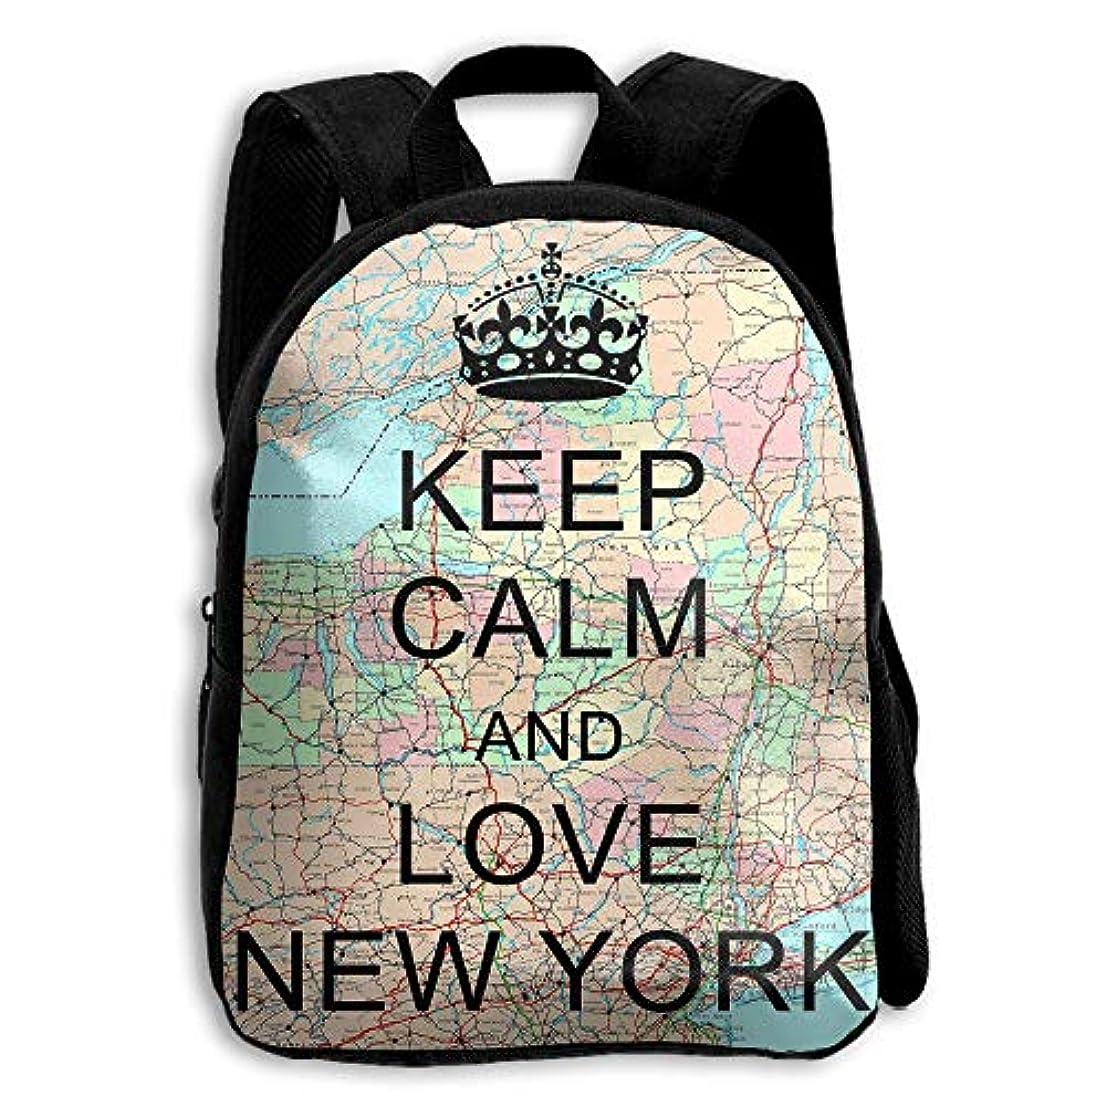 特性紳士参照するキッズ バックパック 子供用 リュックサック Keep Calm And Love New York ショルダー デイパック アウトドア 男の子 女の子 通学 旅行 遠足